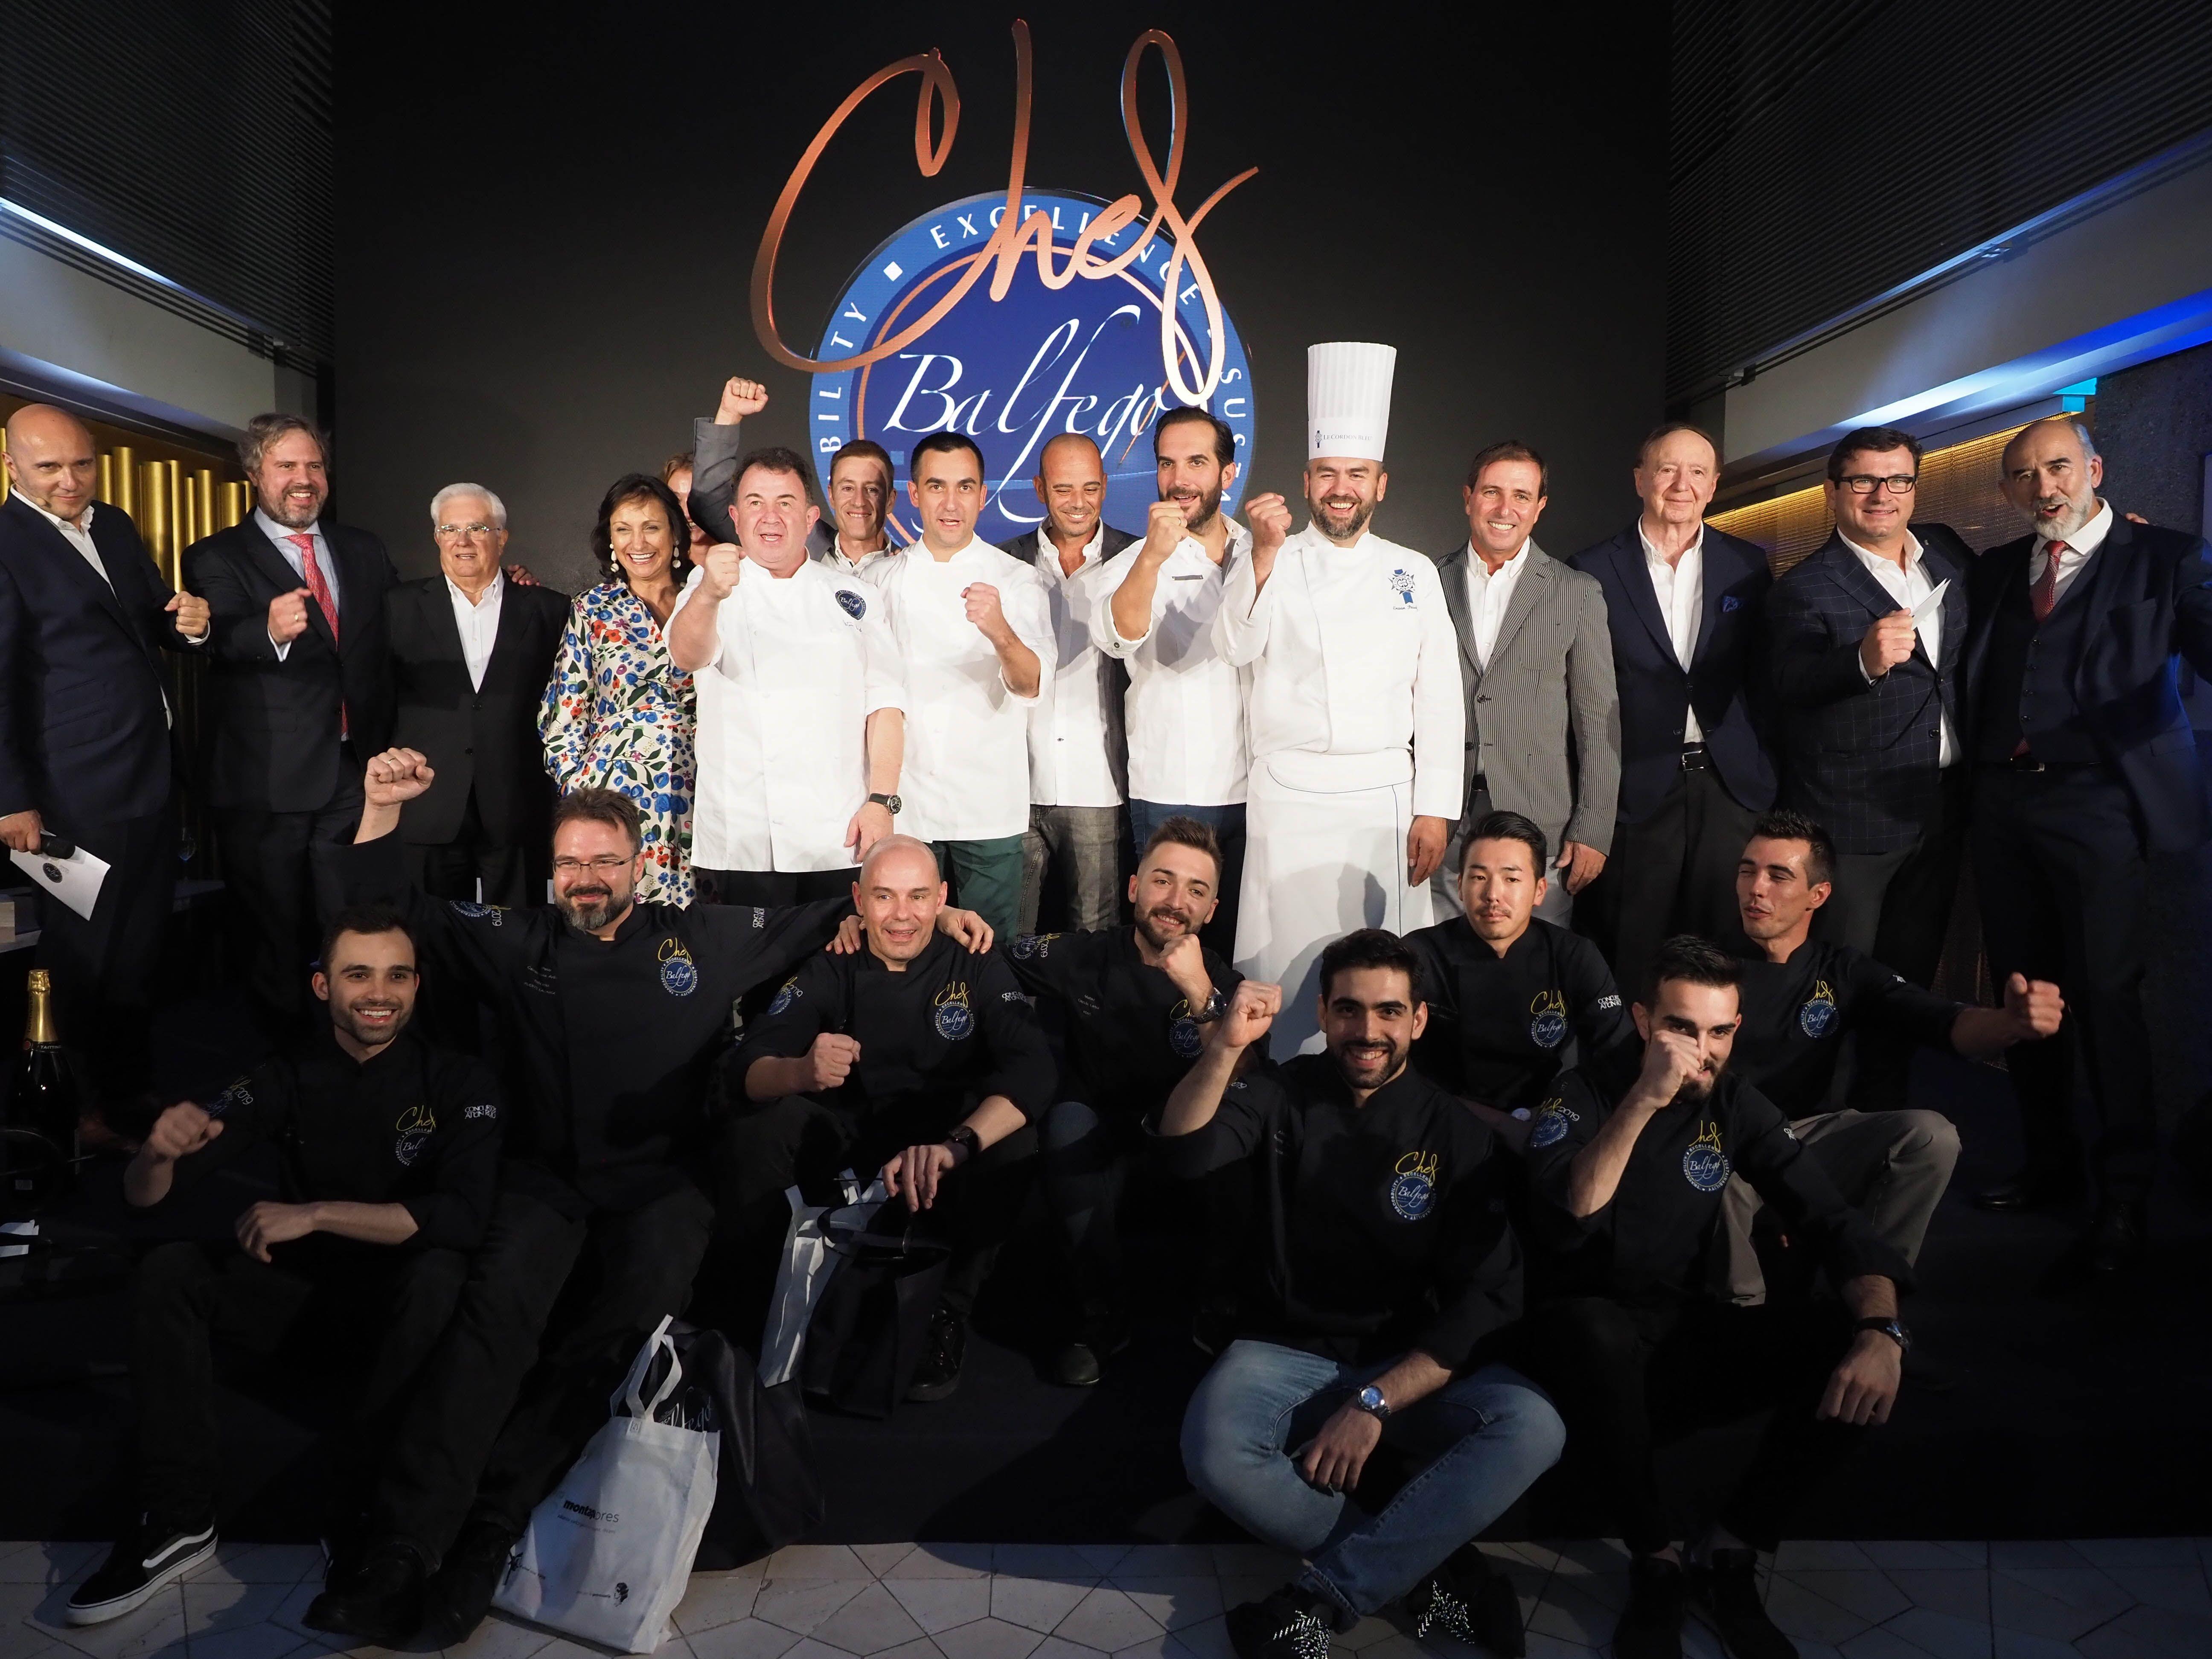 Chef Balfegó 2019 llega a su tercera edición